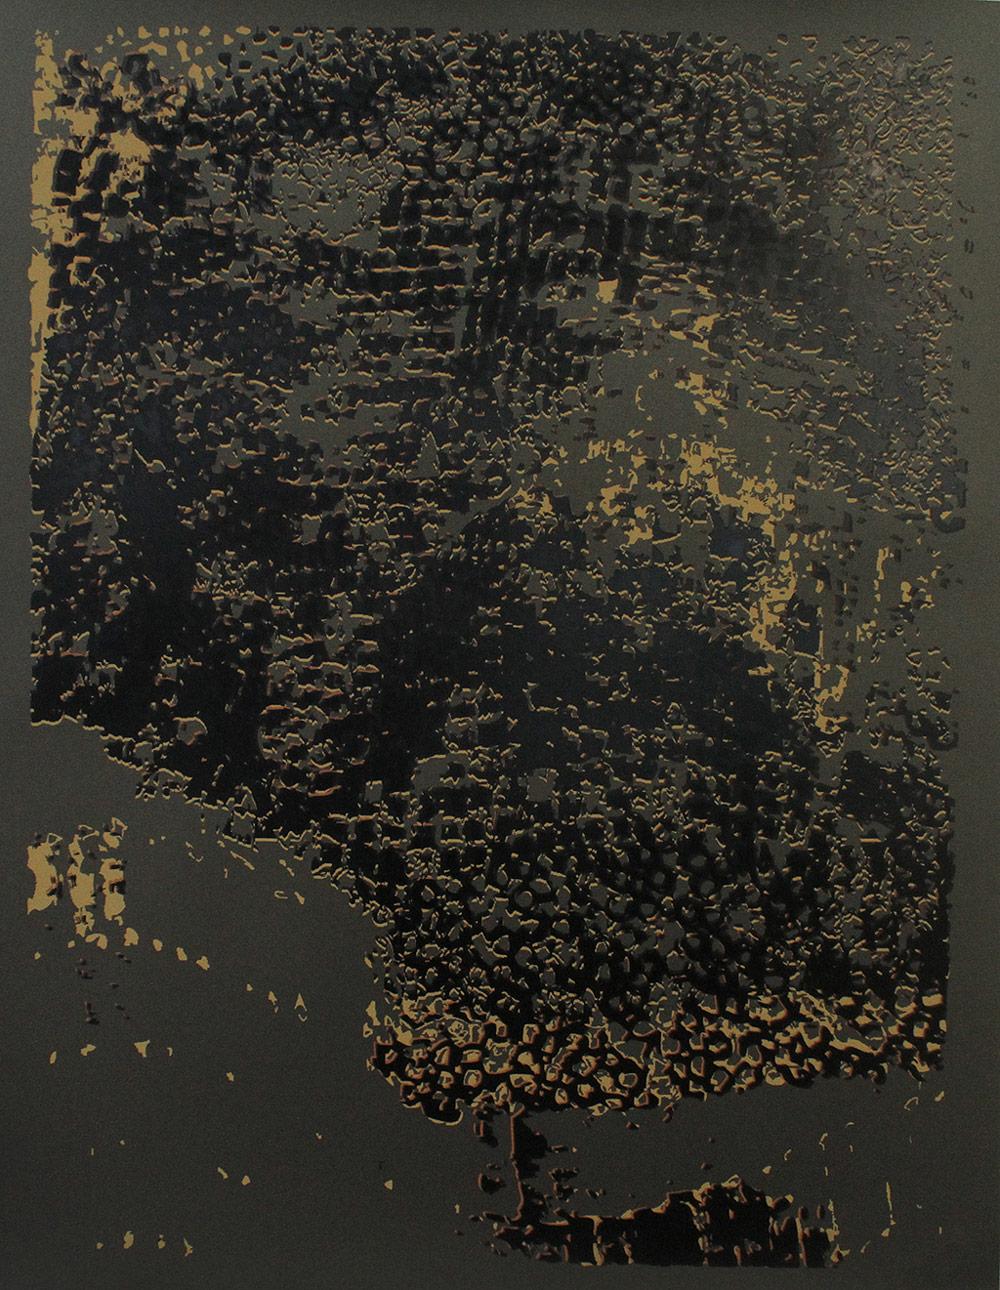 """El Anatsui: """"Untitled [Copper Edge with Black]"""""""